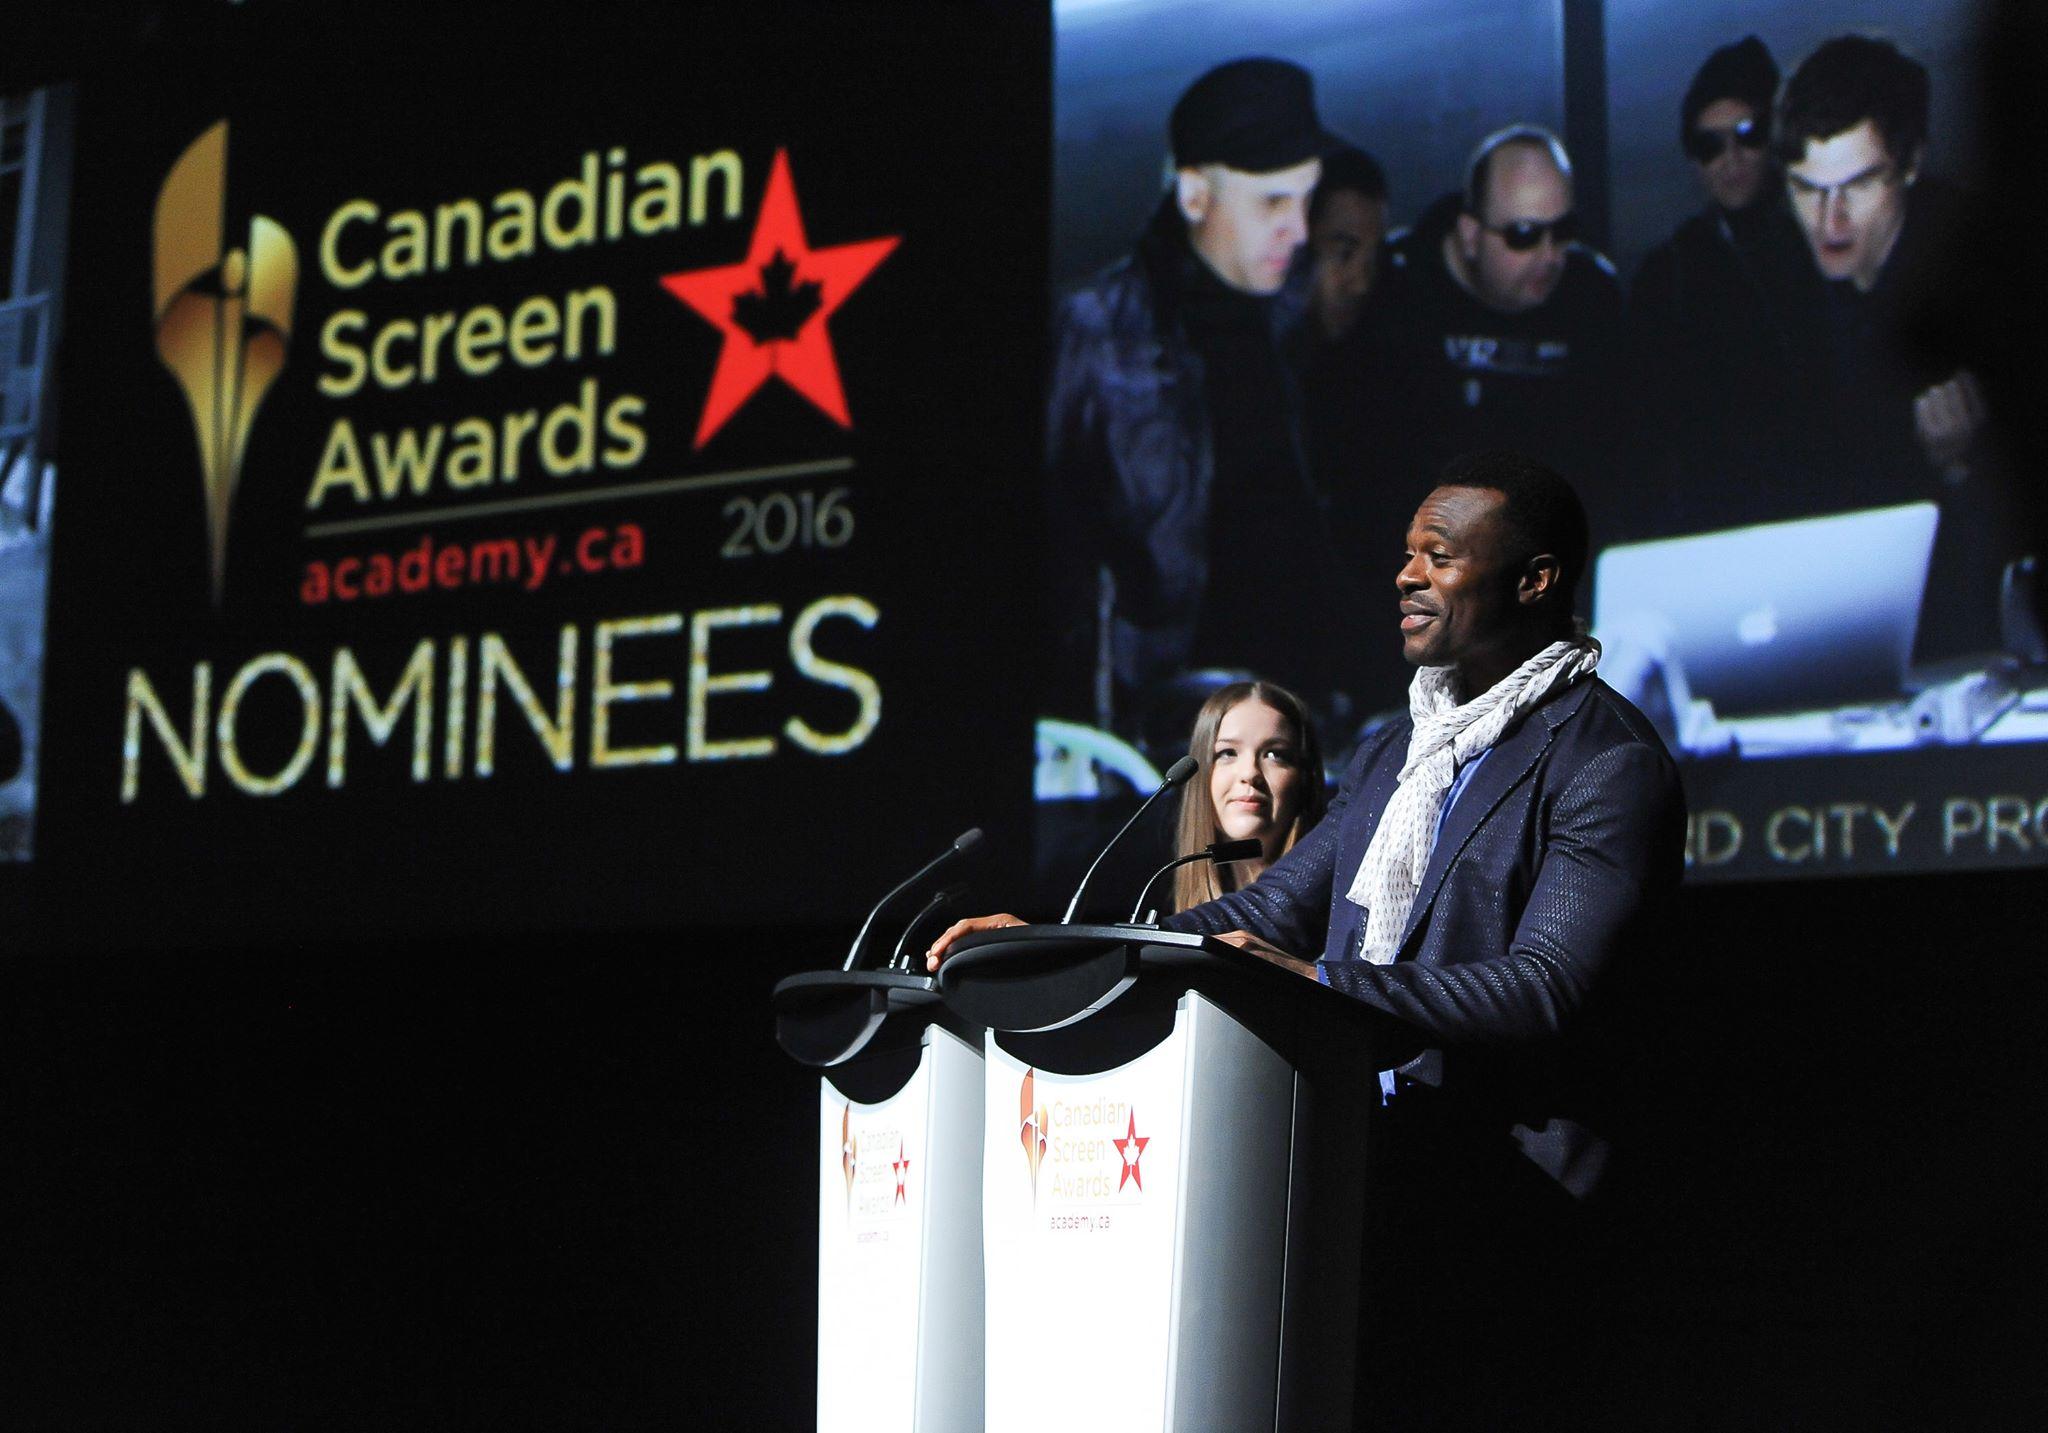 Gala des prix Écrans canadiens dimanche à 20h sur CBC